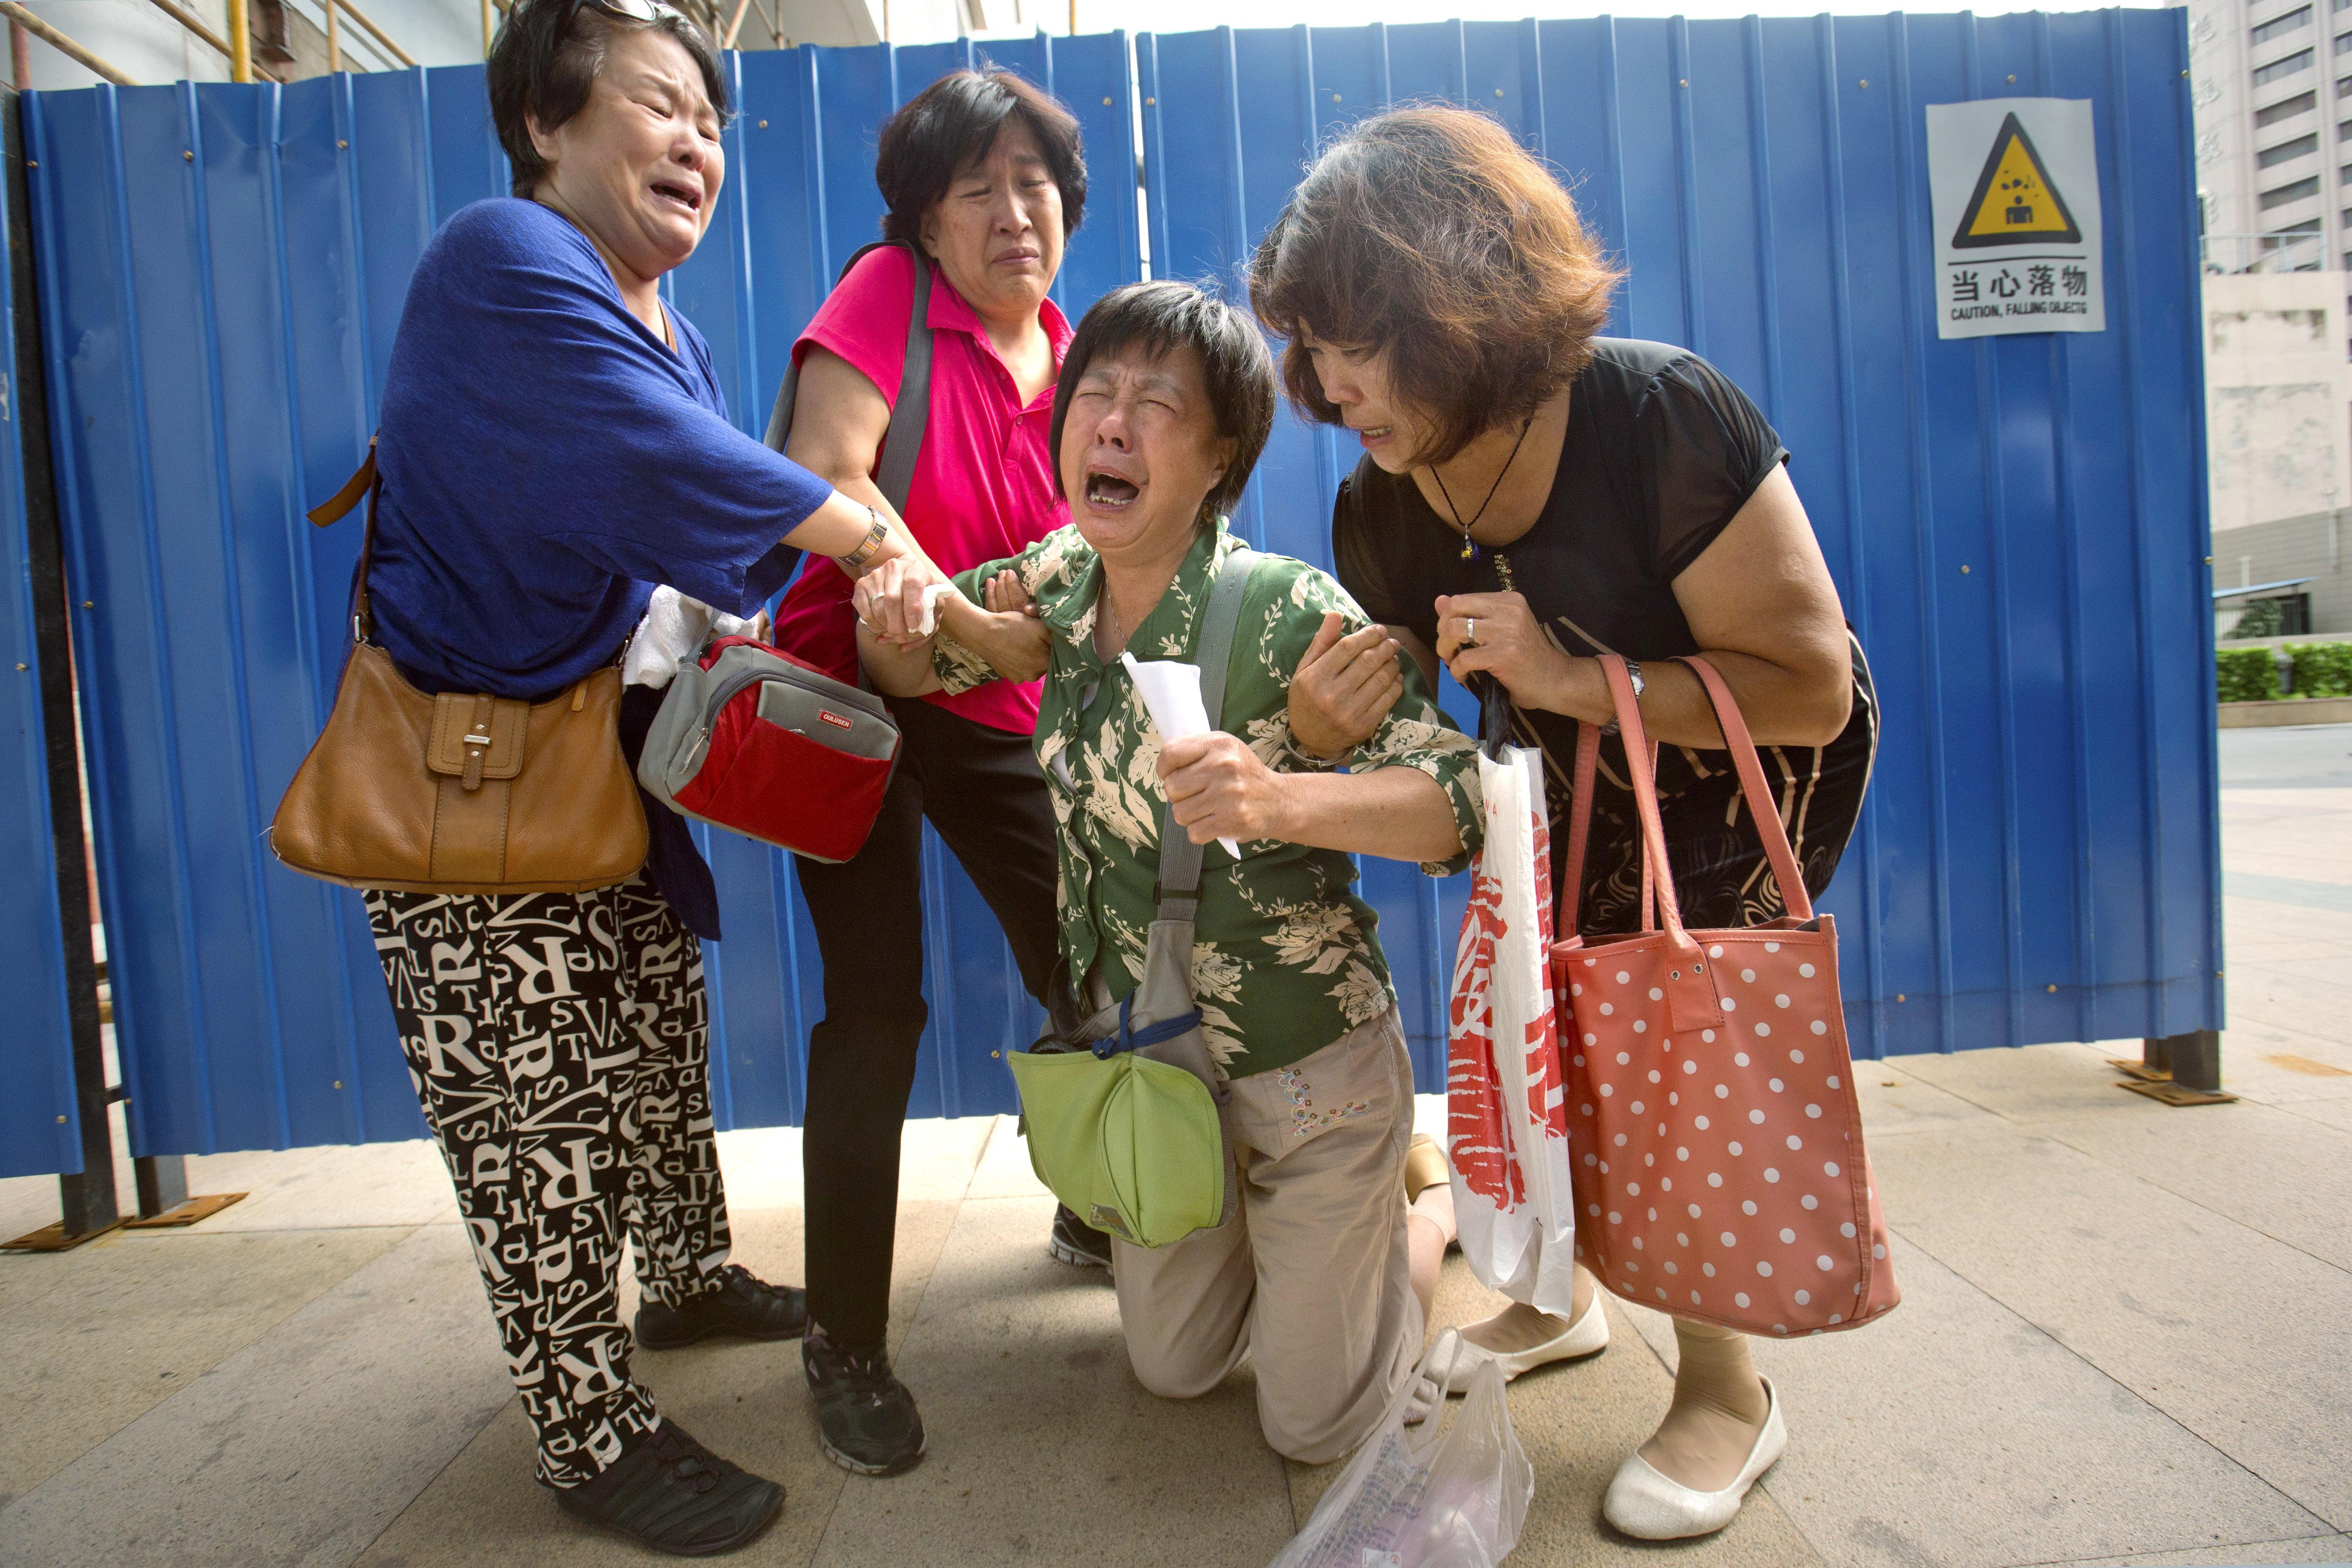 北京一位老婦人的兒子、媳婦與孫輩都在MH370上,想到她永遠回不來的親人,情緒再度潰堤。(美聯社)